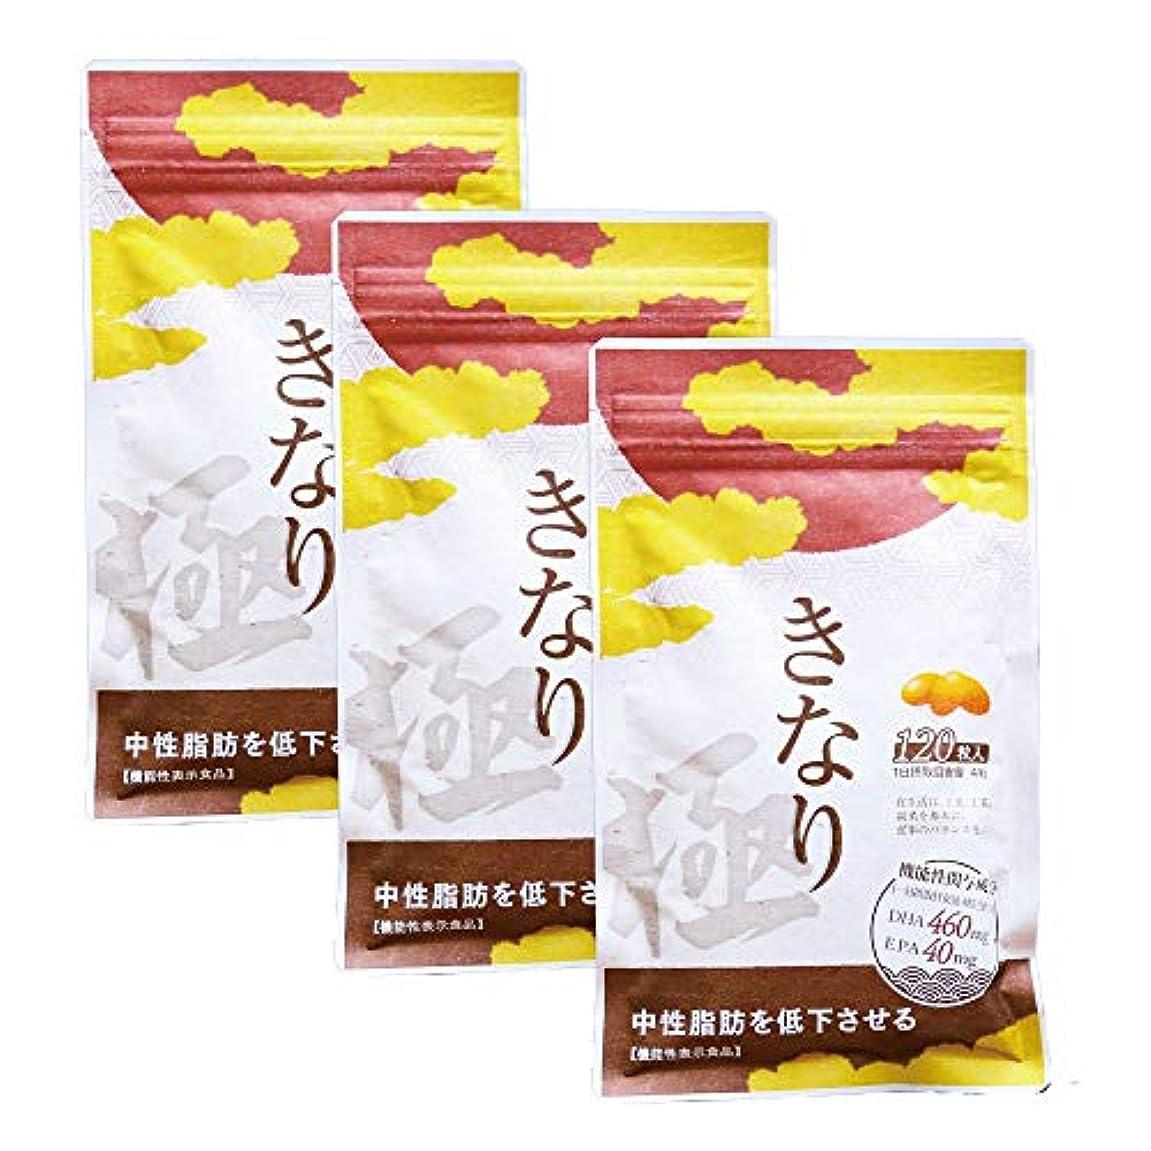 広大な誇りミニチュアさくらの森 きなり極 中性脂肪を低下させる 【機能性表示食品】 国産DHA?EPAサプリメント 3袋セット